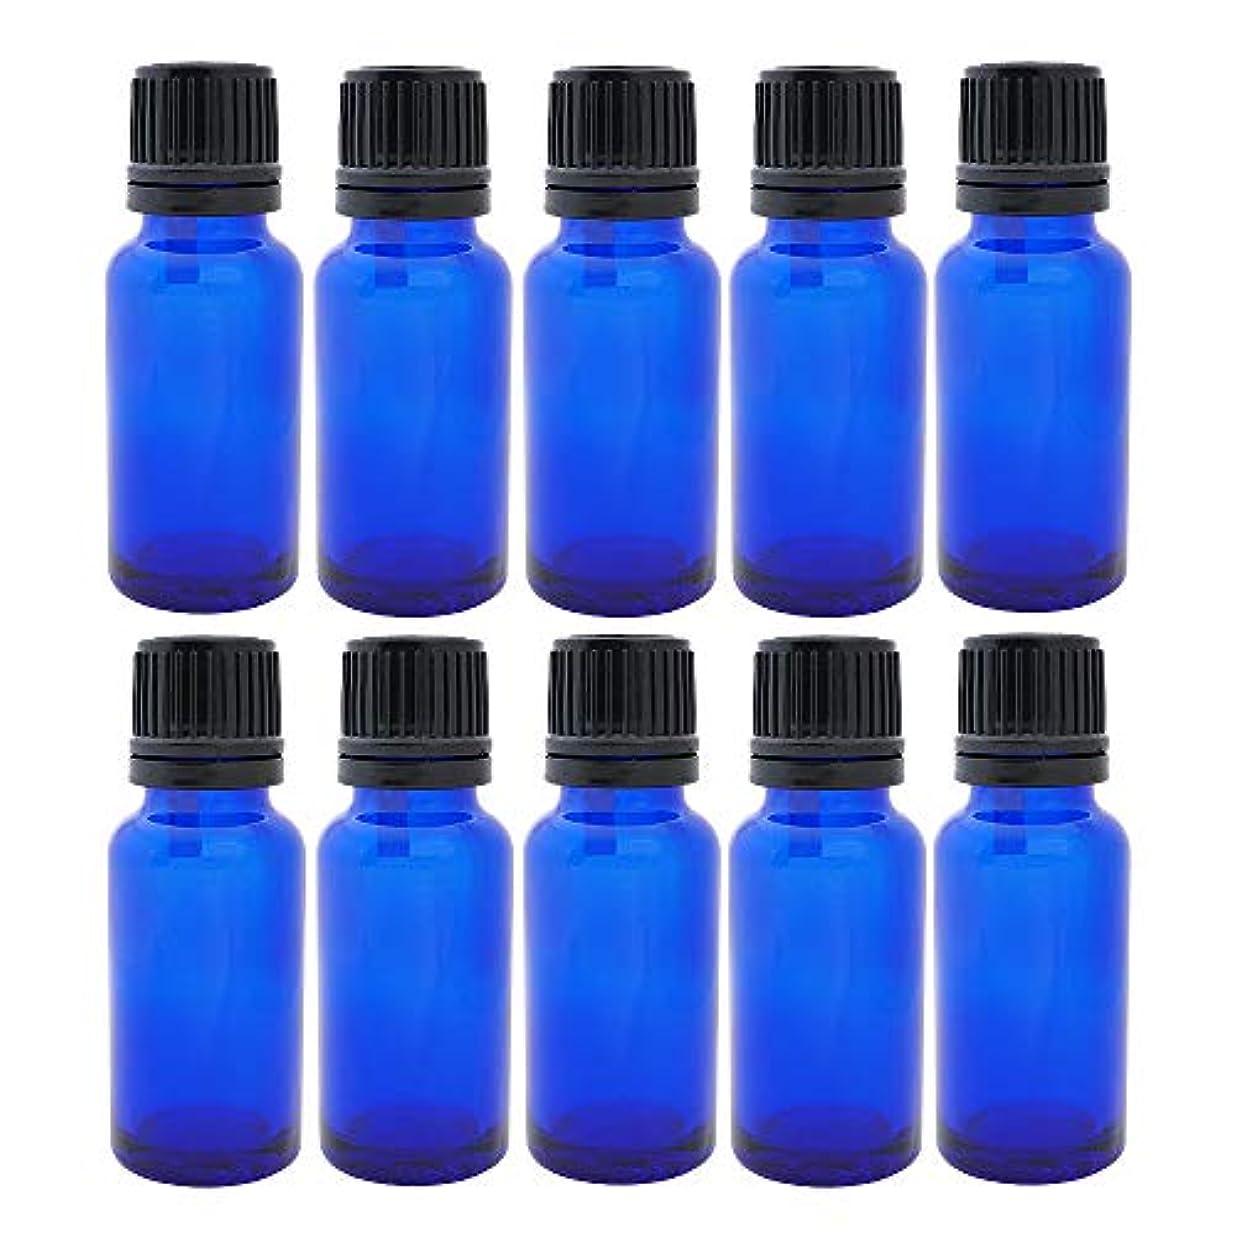 ポータルヒギンズ増加するグリッタ (GLITTER) 20ml瓶 10本(ドロッパー キャップ付) 20mlx10本